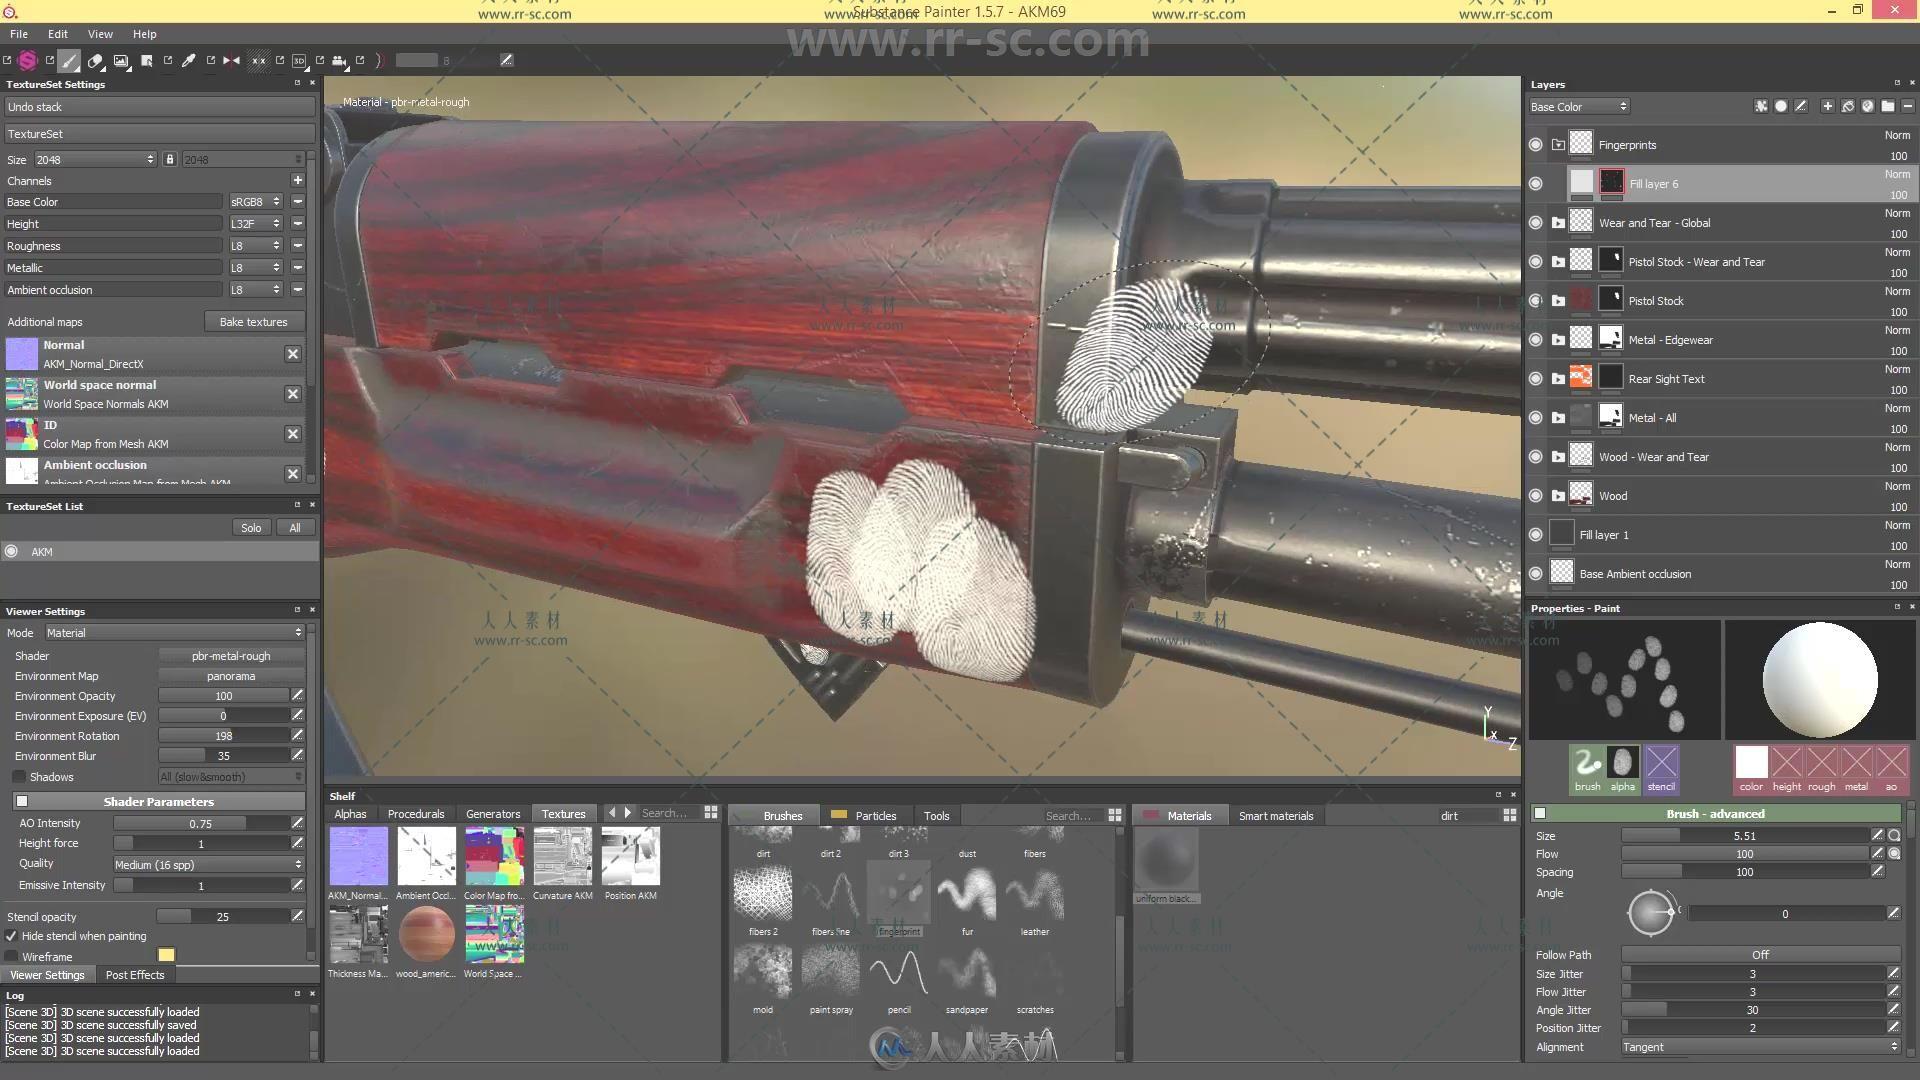 SubstancePainter游戏视频纹理v视频教程武器视频皂渲染图片